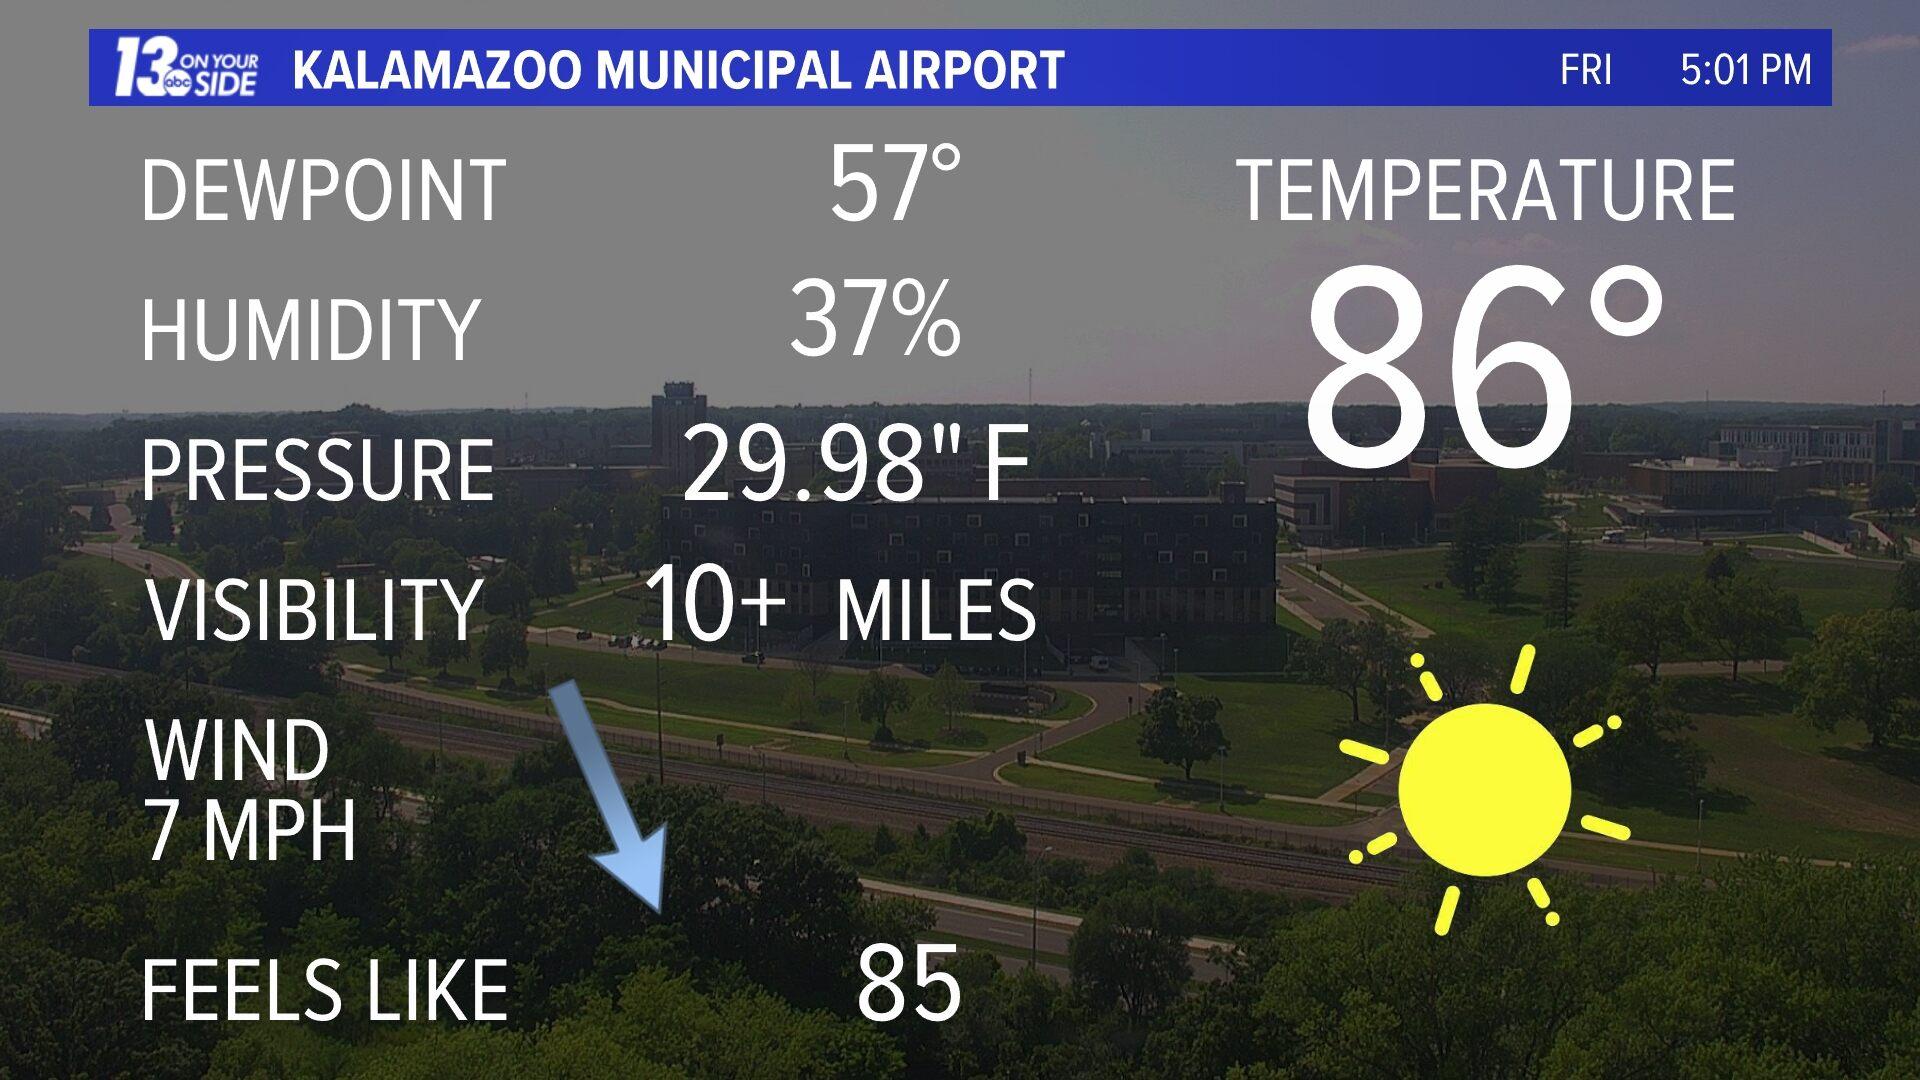 Kalamazoo Municipal Airport